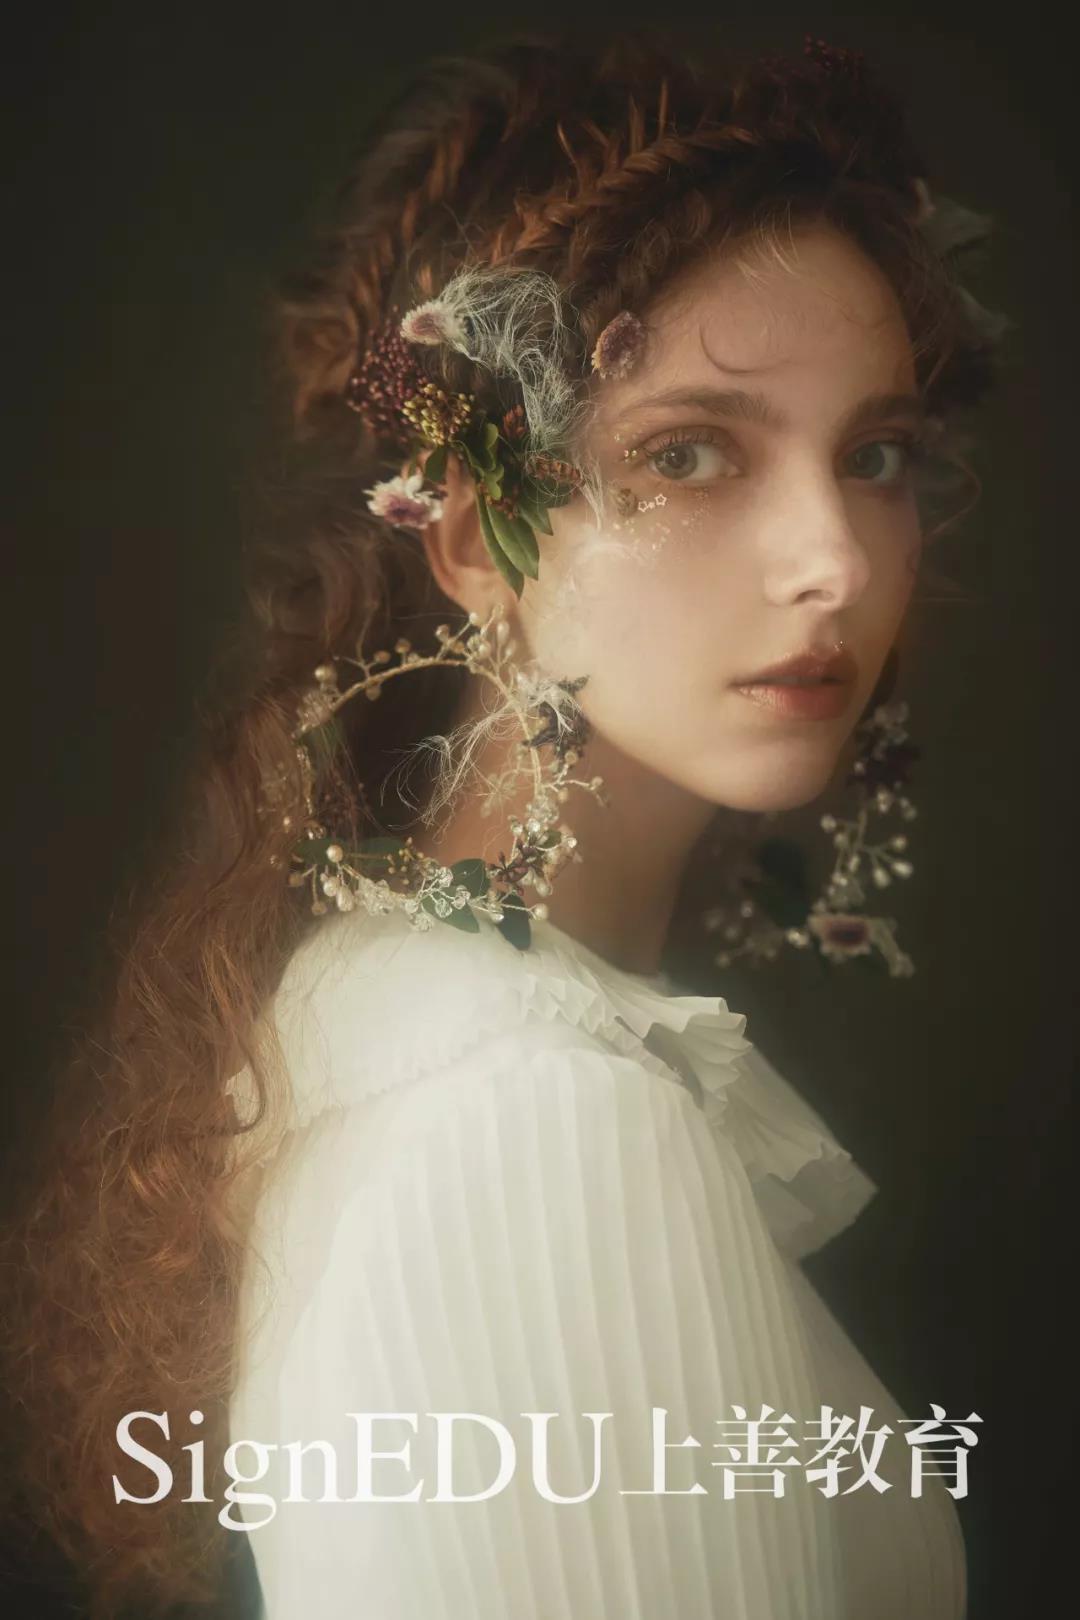 欧美妆容_化妆技巧 新娘造型 |欧美轻奢轻复古妆容,柔媚细腻与极致奢华的碰撞